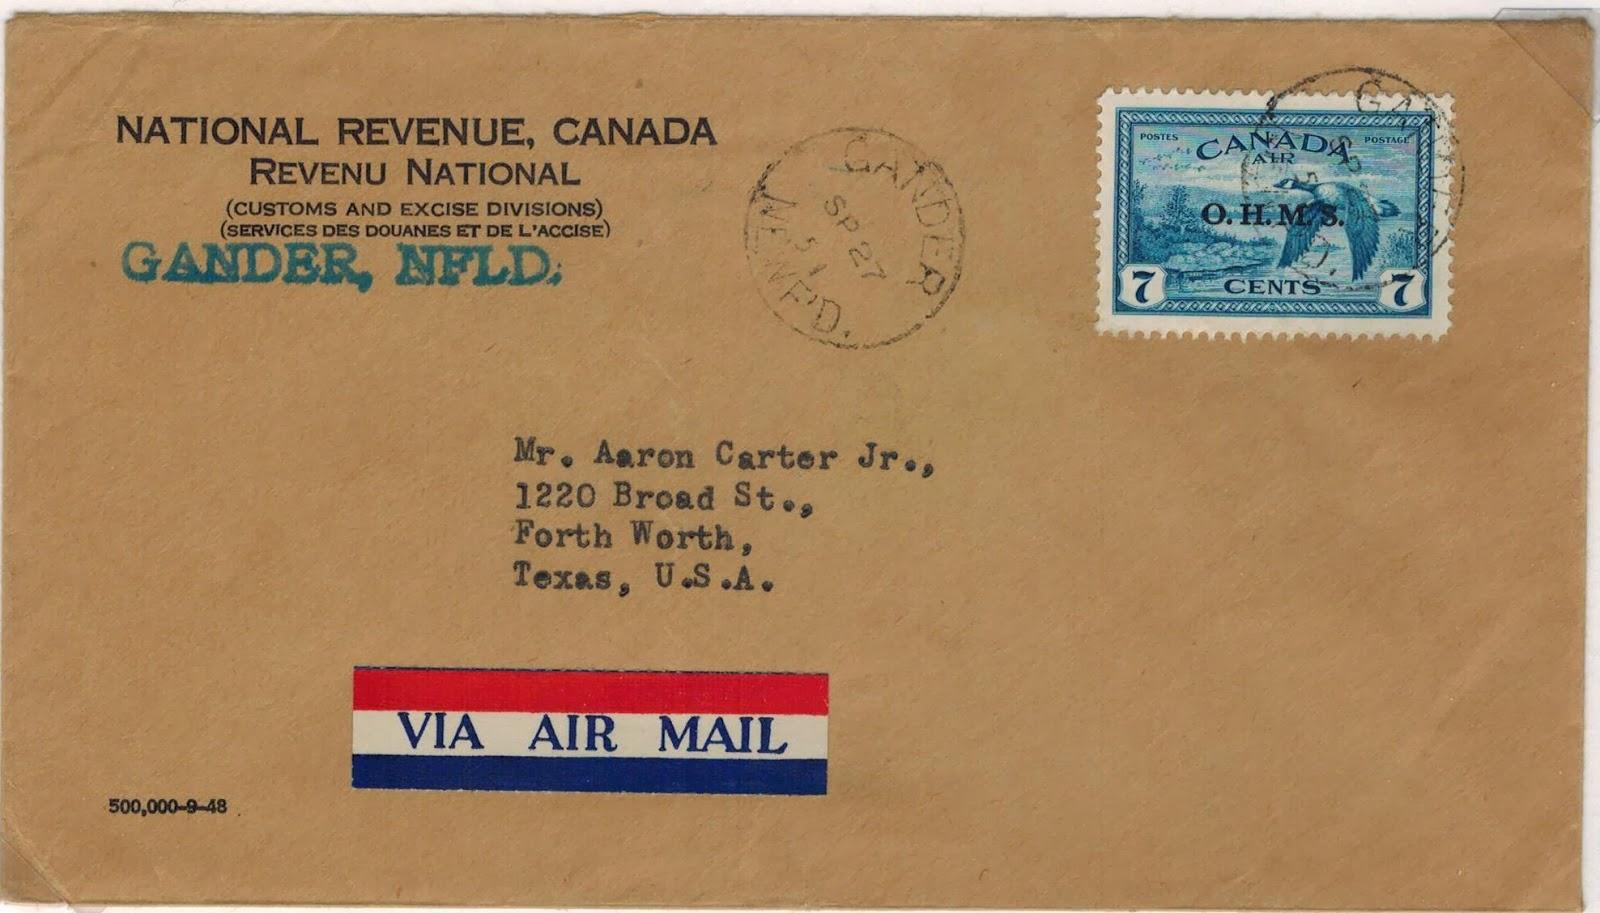 Standard Airmail Letter To Usa  TextpoemsOrg